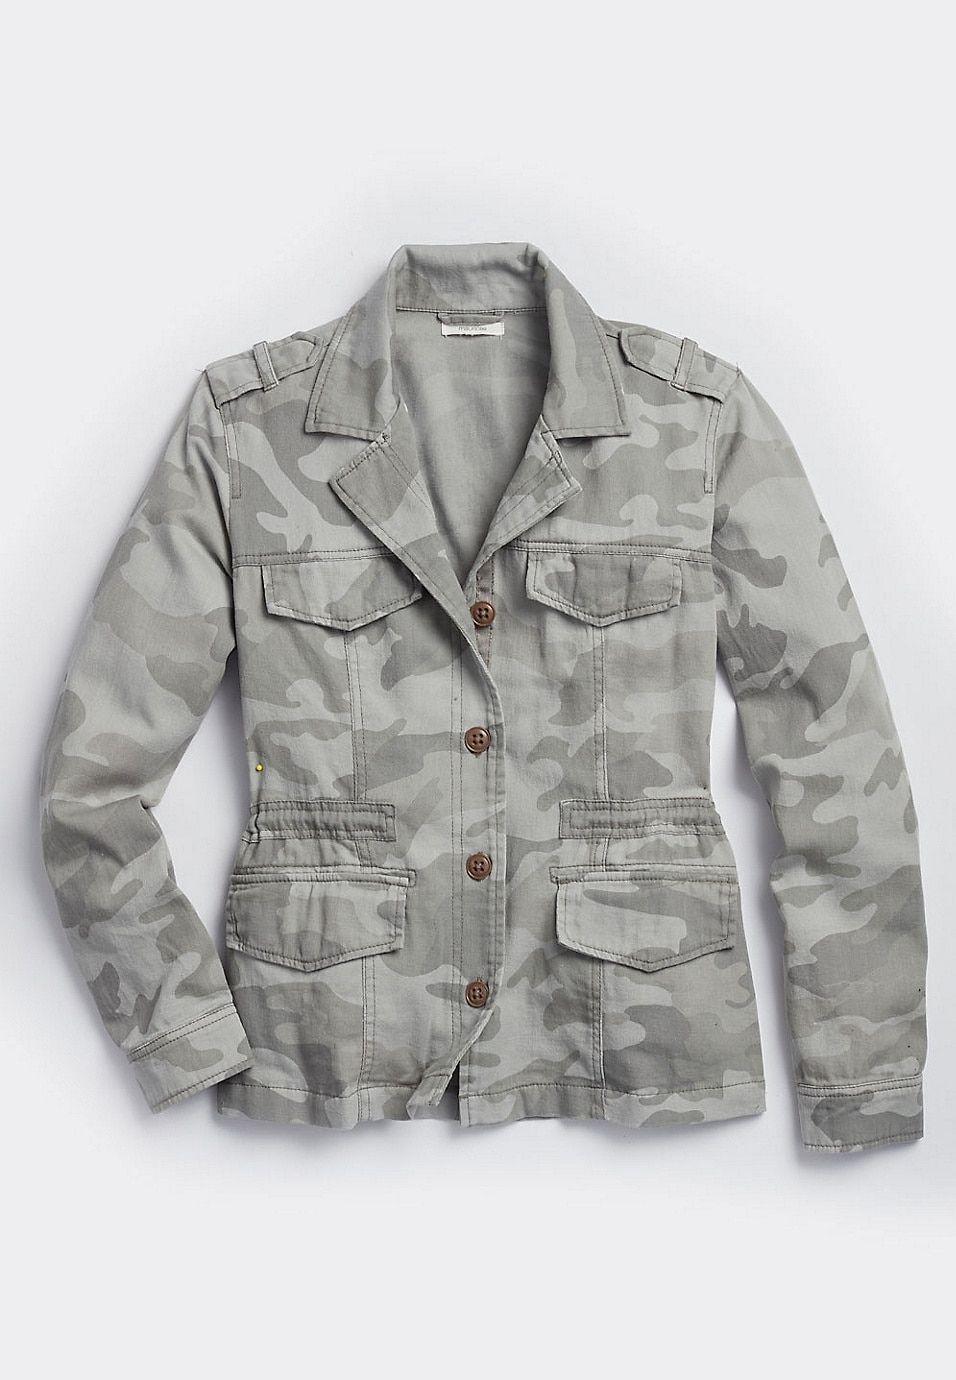 Camo cinched waist jacket waist jacket cinched waist